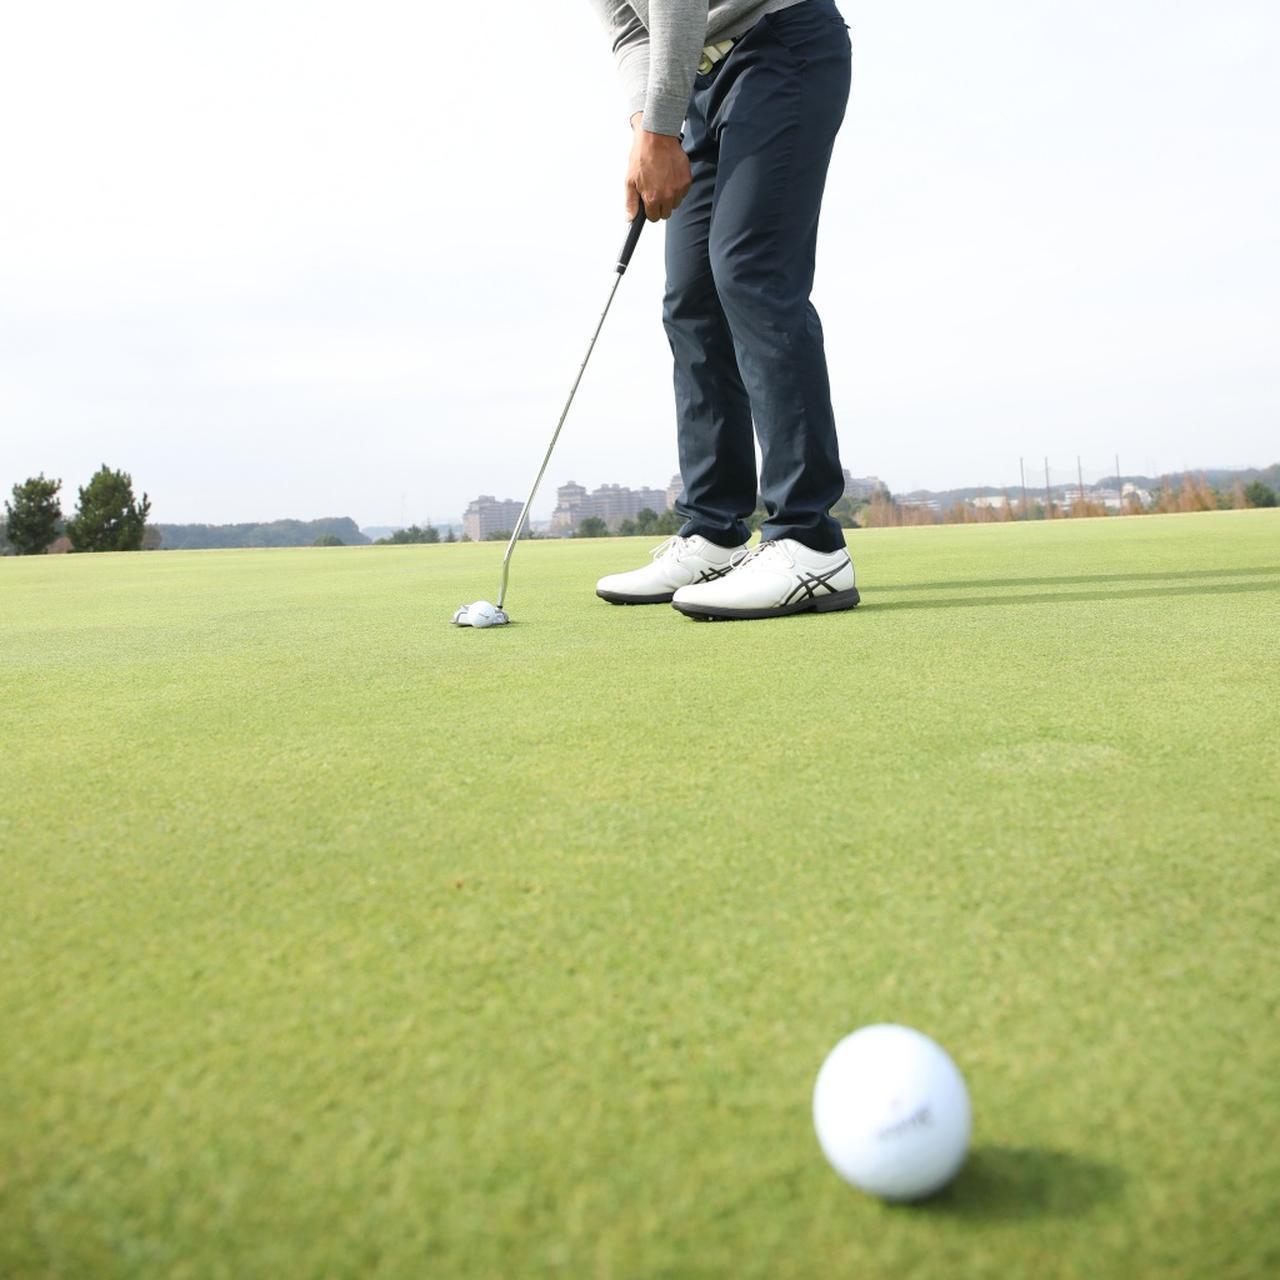 画像: マッチプレーにおいて、カップと自分のボールの間に、相手競技者のボールがある状態。それが元々の「スタイミー」の意味だった(撮影/姉崎正)